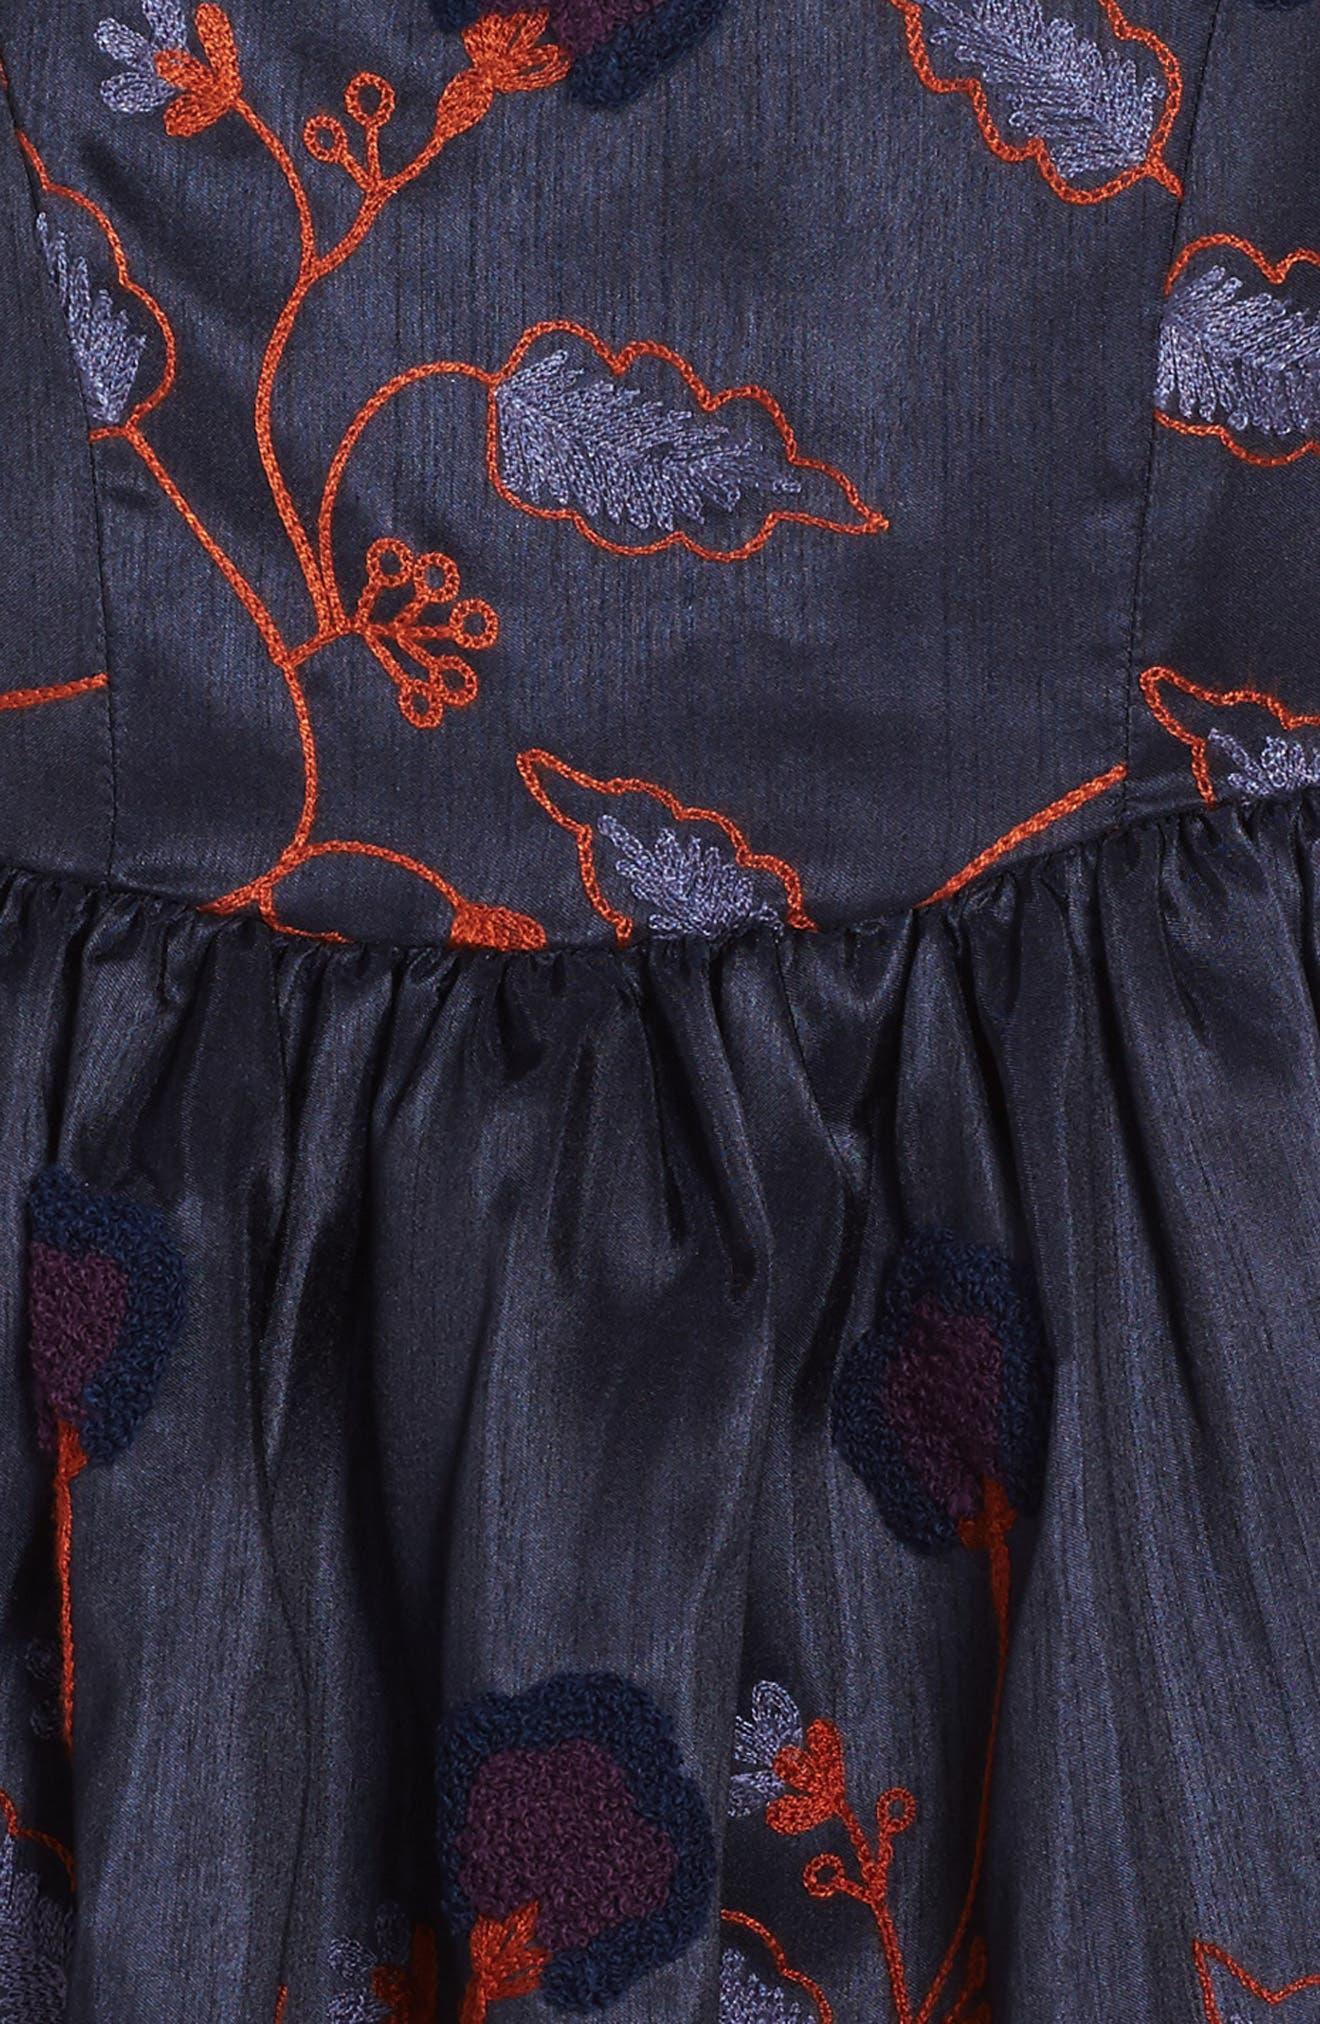 Alternate Image 3  - Frais Embroidered Floral Dress (Toddler Girls, Little Girls & Big Girls)